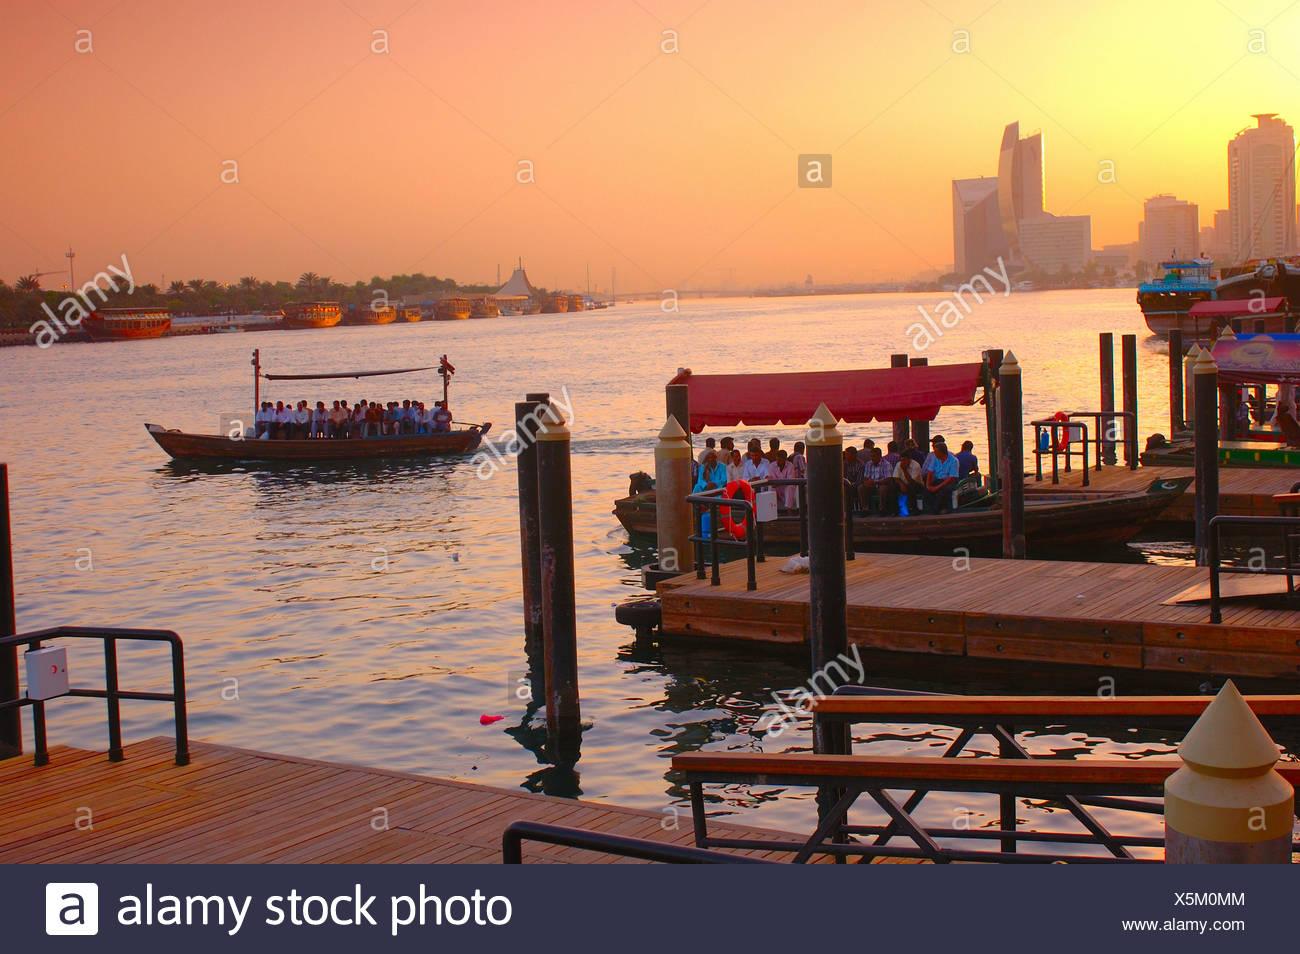 Dubai ferry ferryboat ferries ferryboats people shores coast mood dusk twilight Sabkha Abra station Dubai - Stock Image